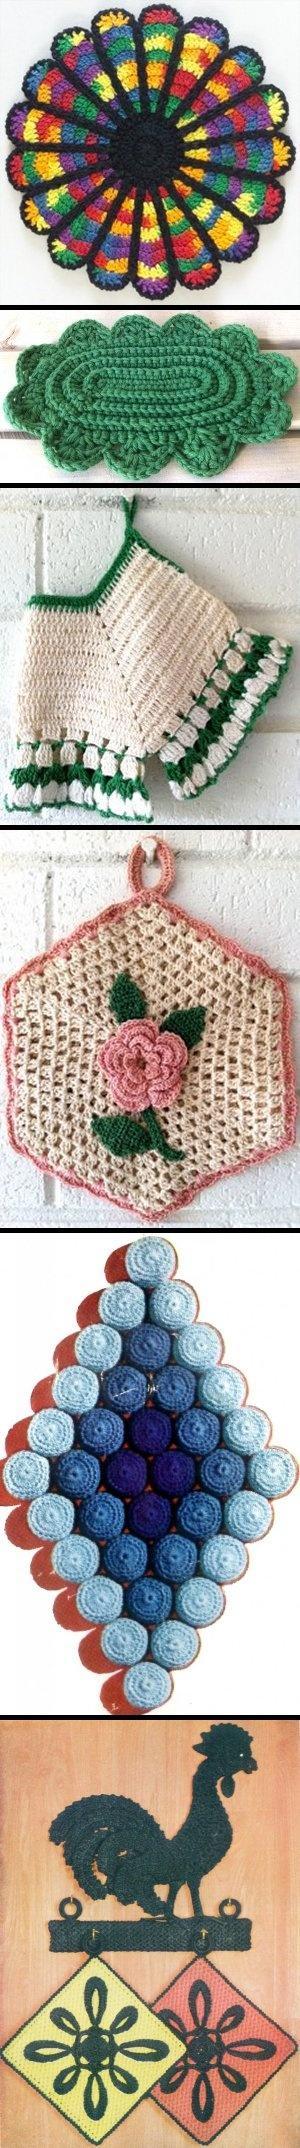 Mejores 92 imágenes de Crochet - Kitchen stuff en Pinterest | Ideas ...